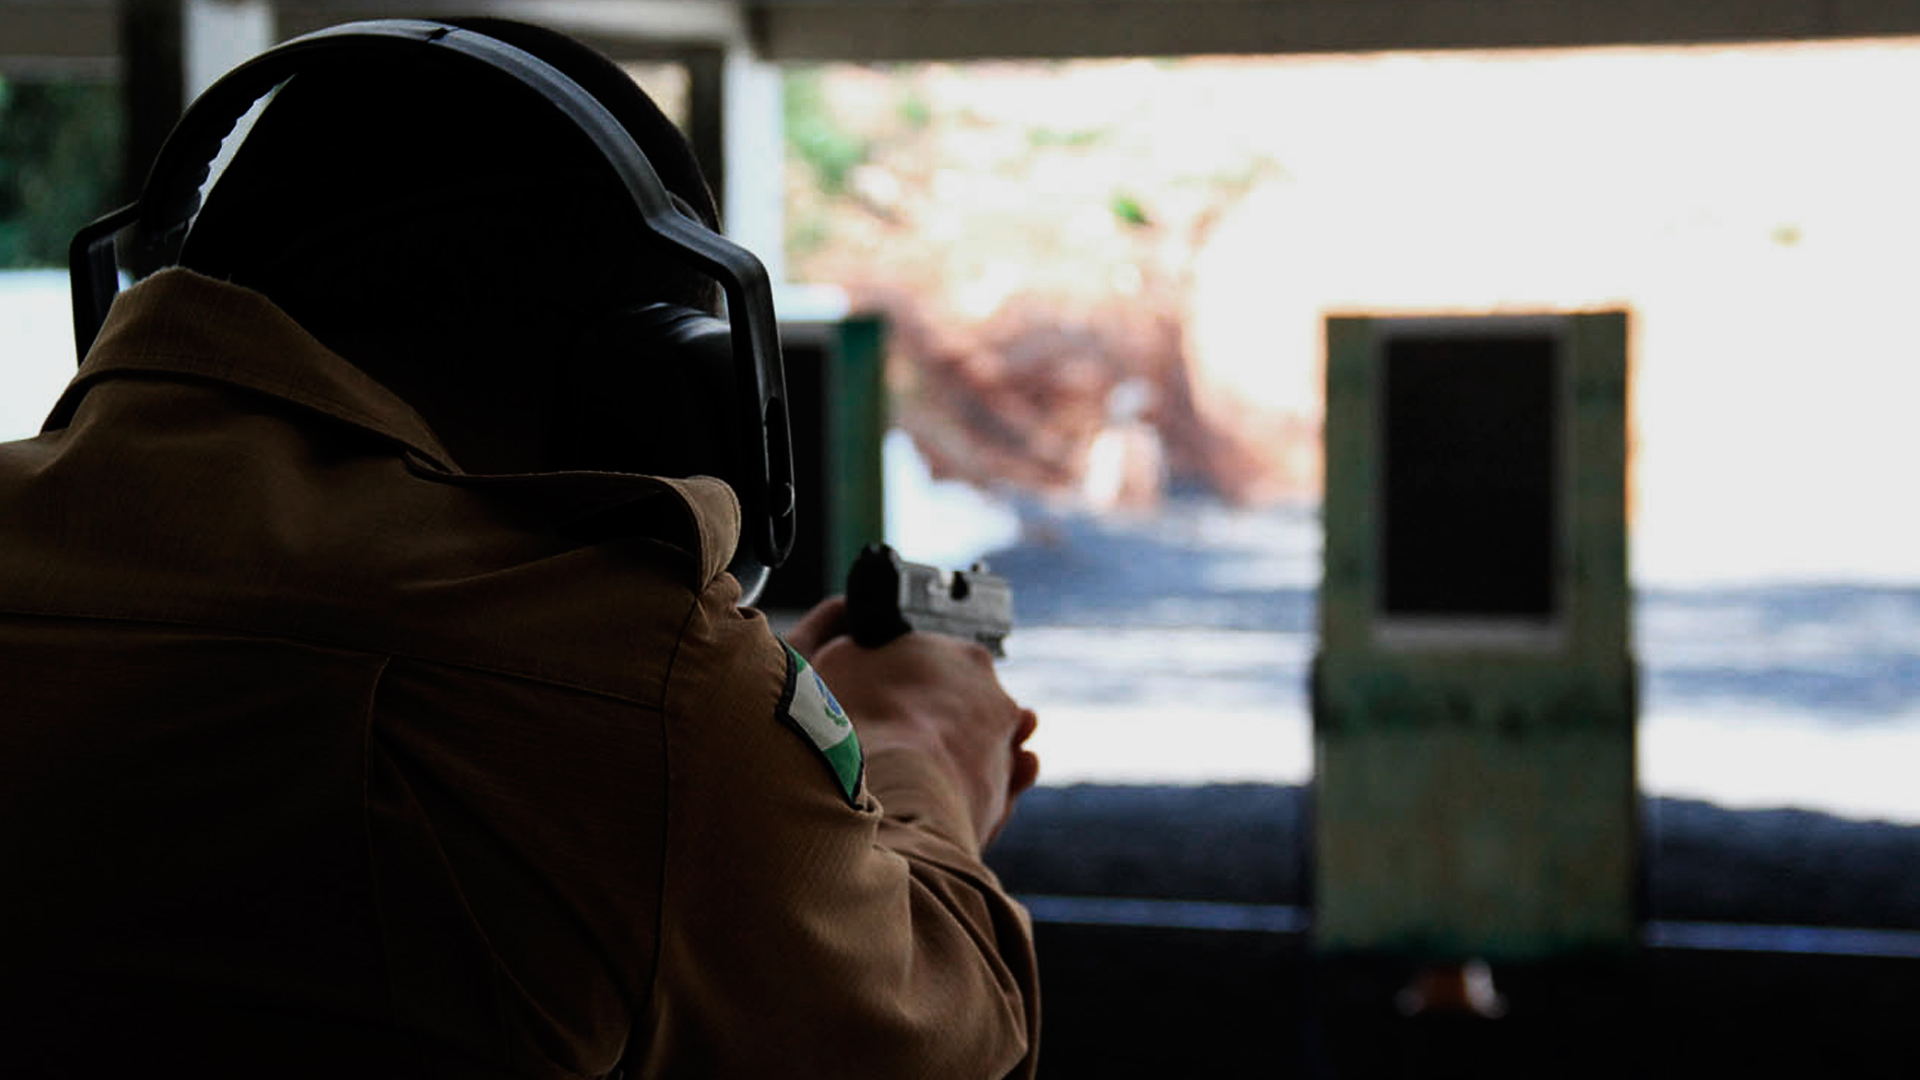 Homem praticando o tiro esportivo. Ele está de costas, utilizando uma farda de policial, um protetor auricular e com a arma apontada para o alvo, que se encontra no fundo da imagem.